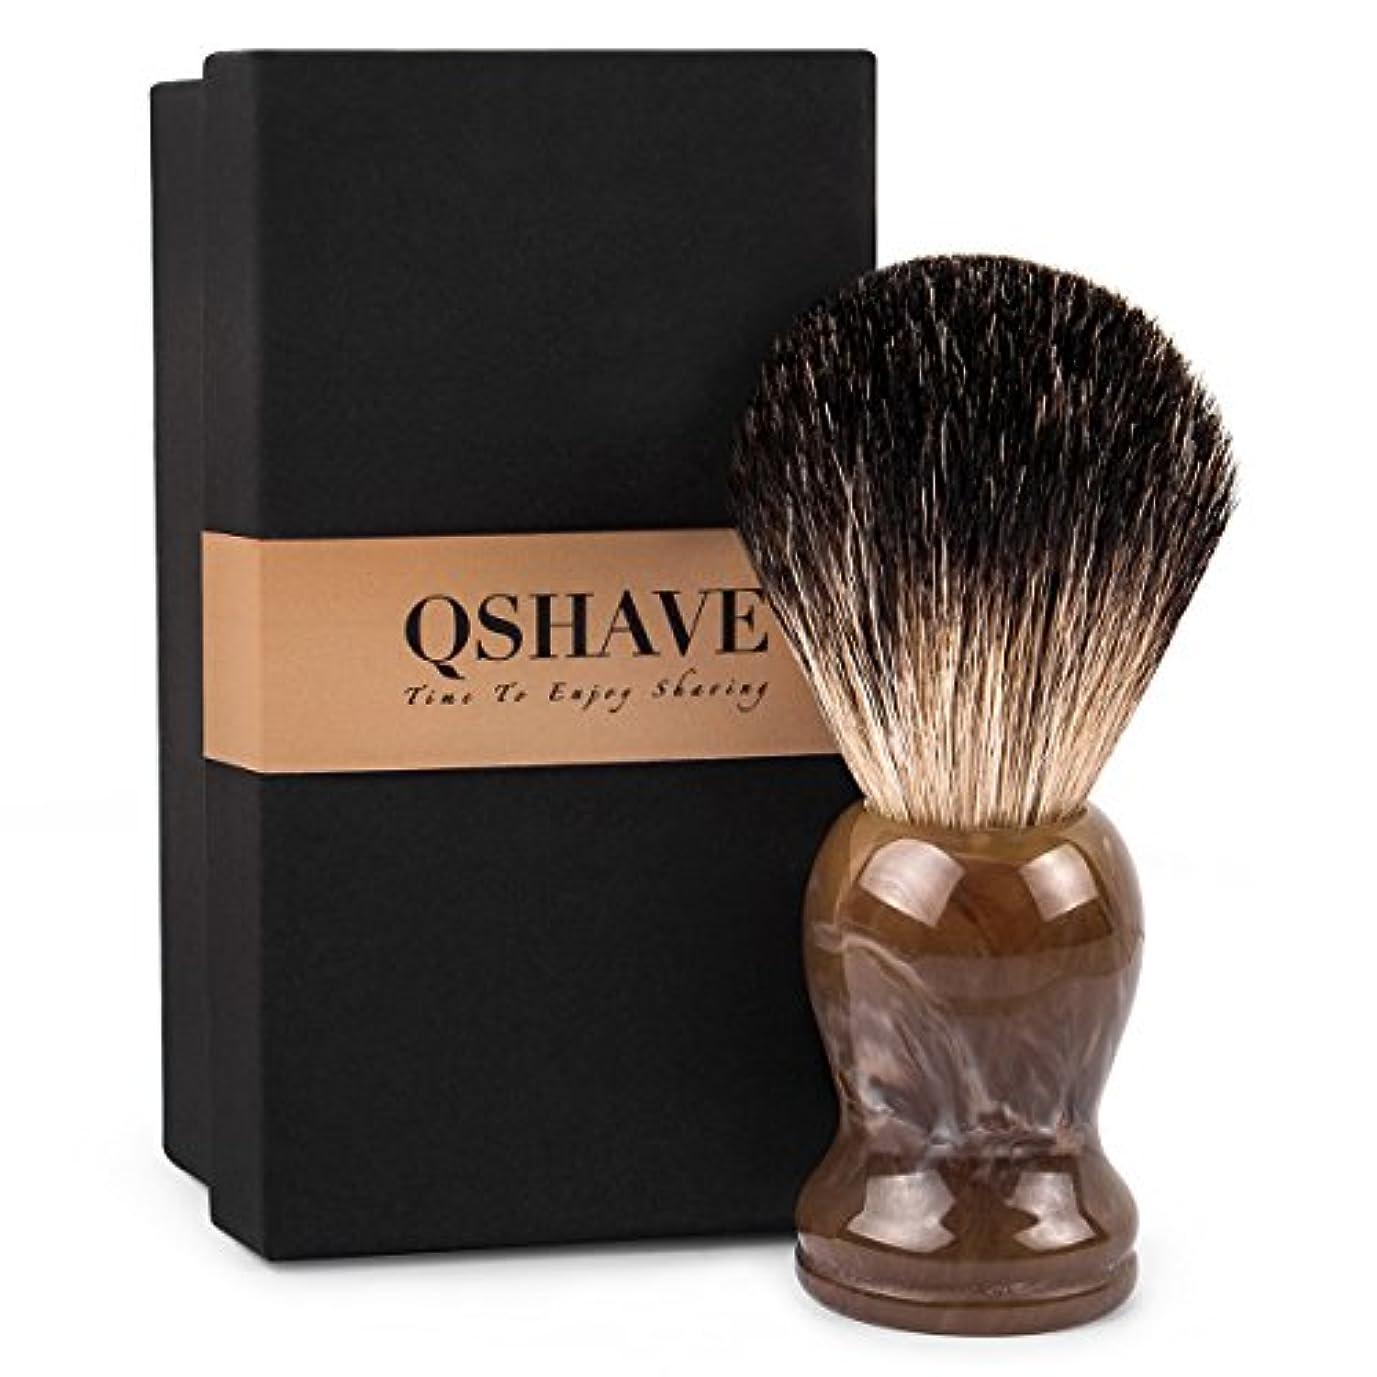 細い外交問題迷彩QSHAVE 100%アナグマ毛 オリジナルハンドメイドシェービングブラシ。ウェットシェービング、安全カミソリ、両刃カミソリに最適